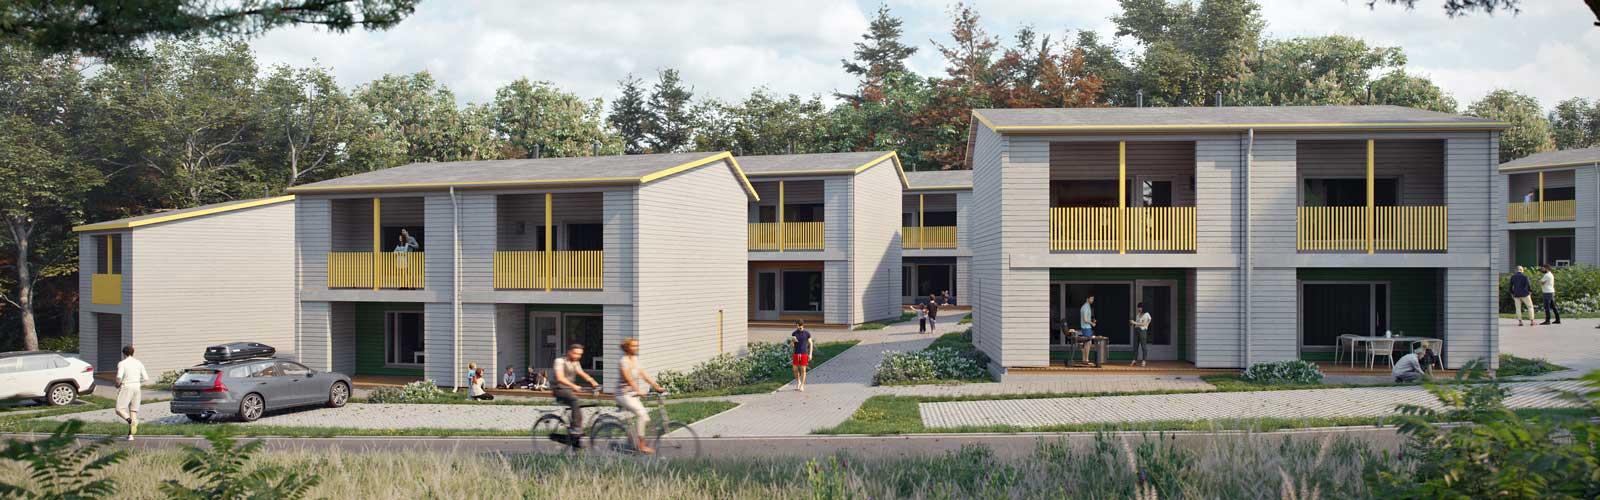 Visualisointi rakennettavista puurakenteisista pientaloista puurakentaminen aluerakentaminen.